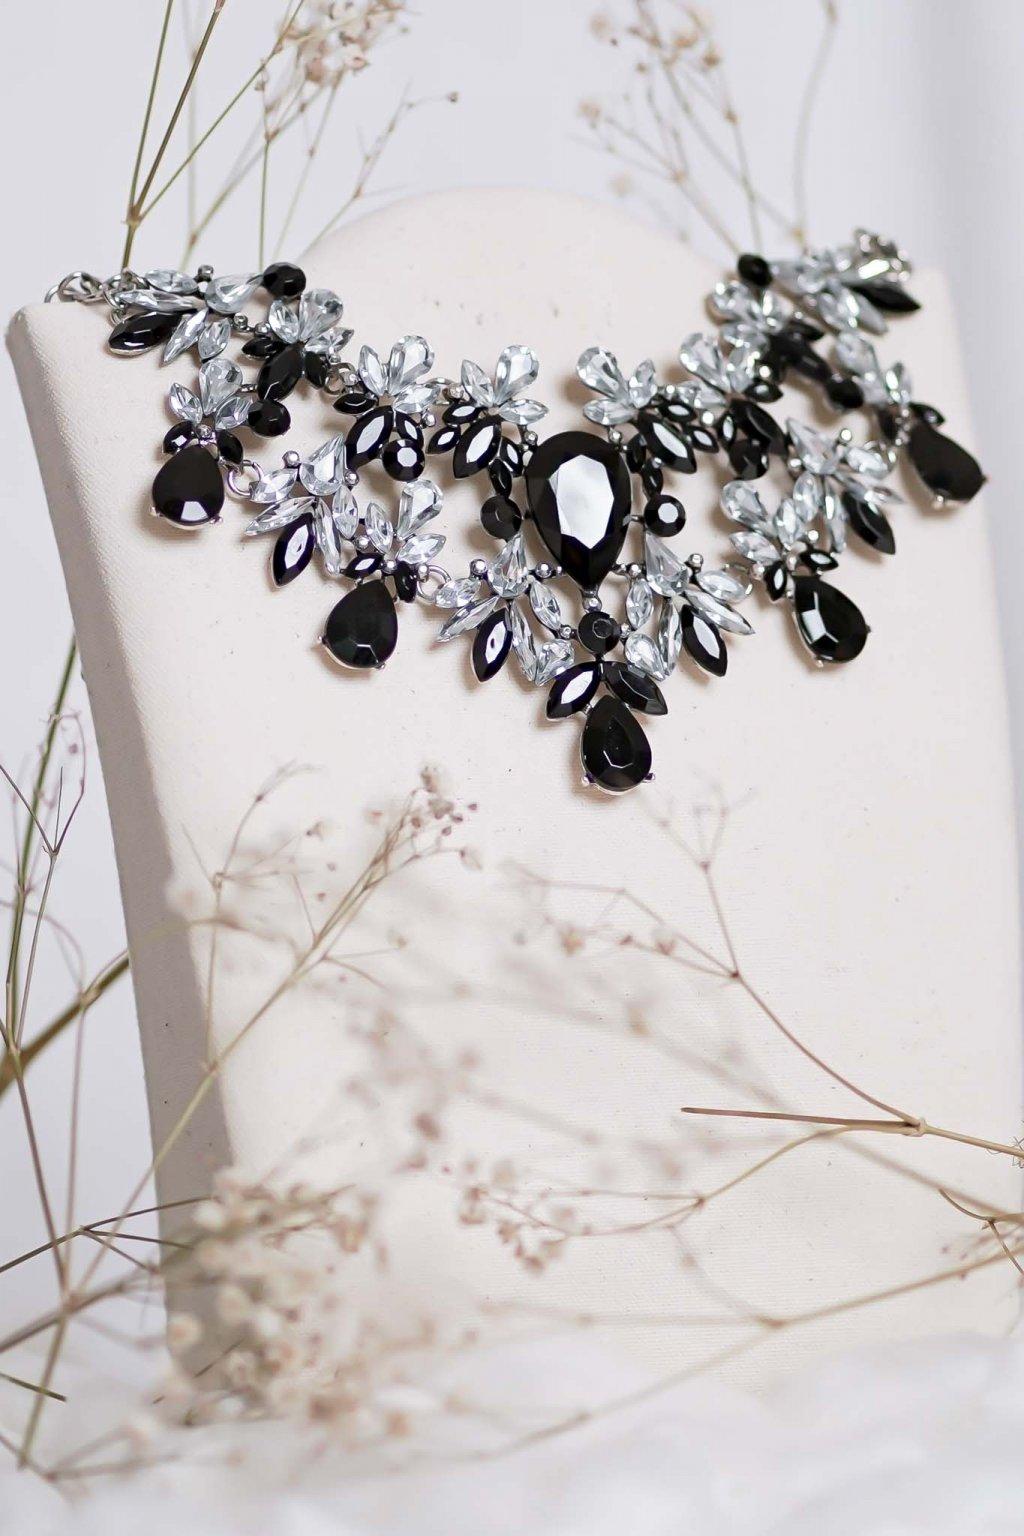 náhrdelník, spoločenský, bežný deň, kamienkový, farebný, čierny, strieborný, zelený, cyklamenévy, náhrdelník, bižuteria, šperk, šperky, ples, stužková, svadba, 110